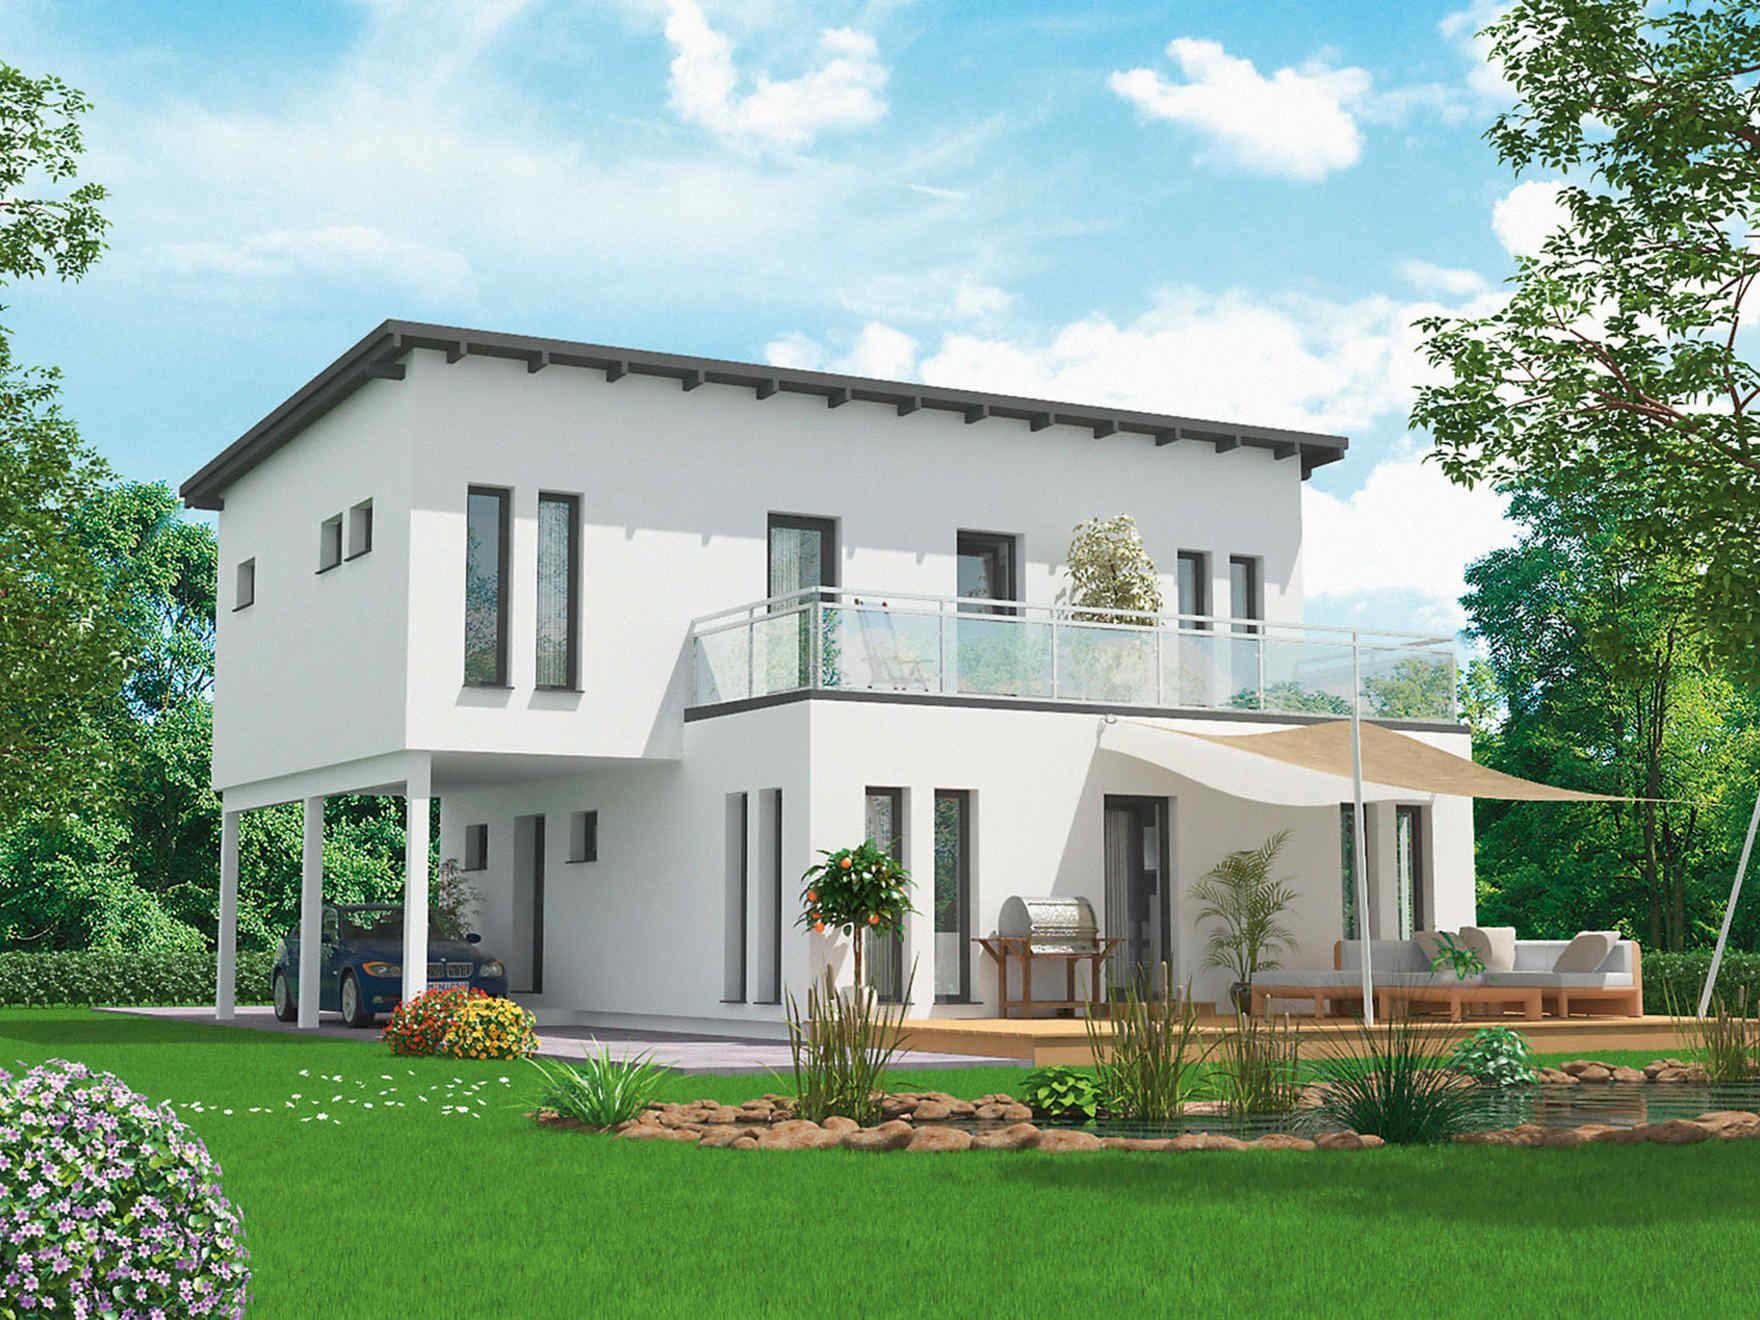 Vario Haus vario haus design ii gibtdemlebeneinzuhause einfamilienhaus